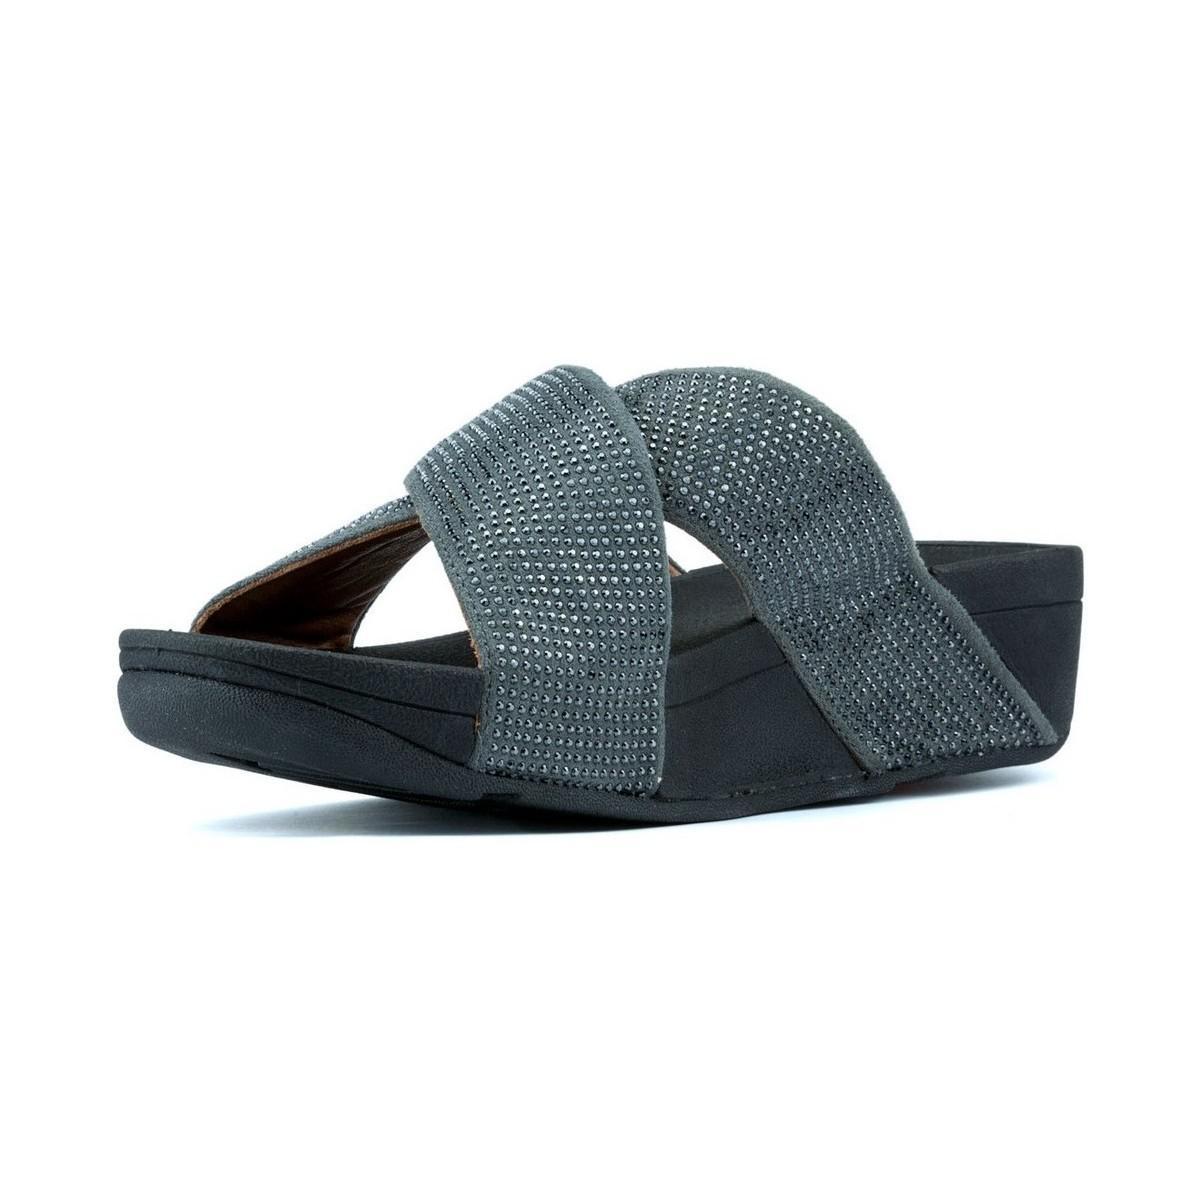 139c17959225 Fitflop - S Ritzy Slide W Women s Sandals In Black - Lyst. View fullscreen